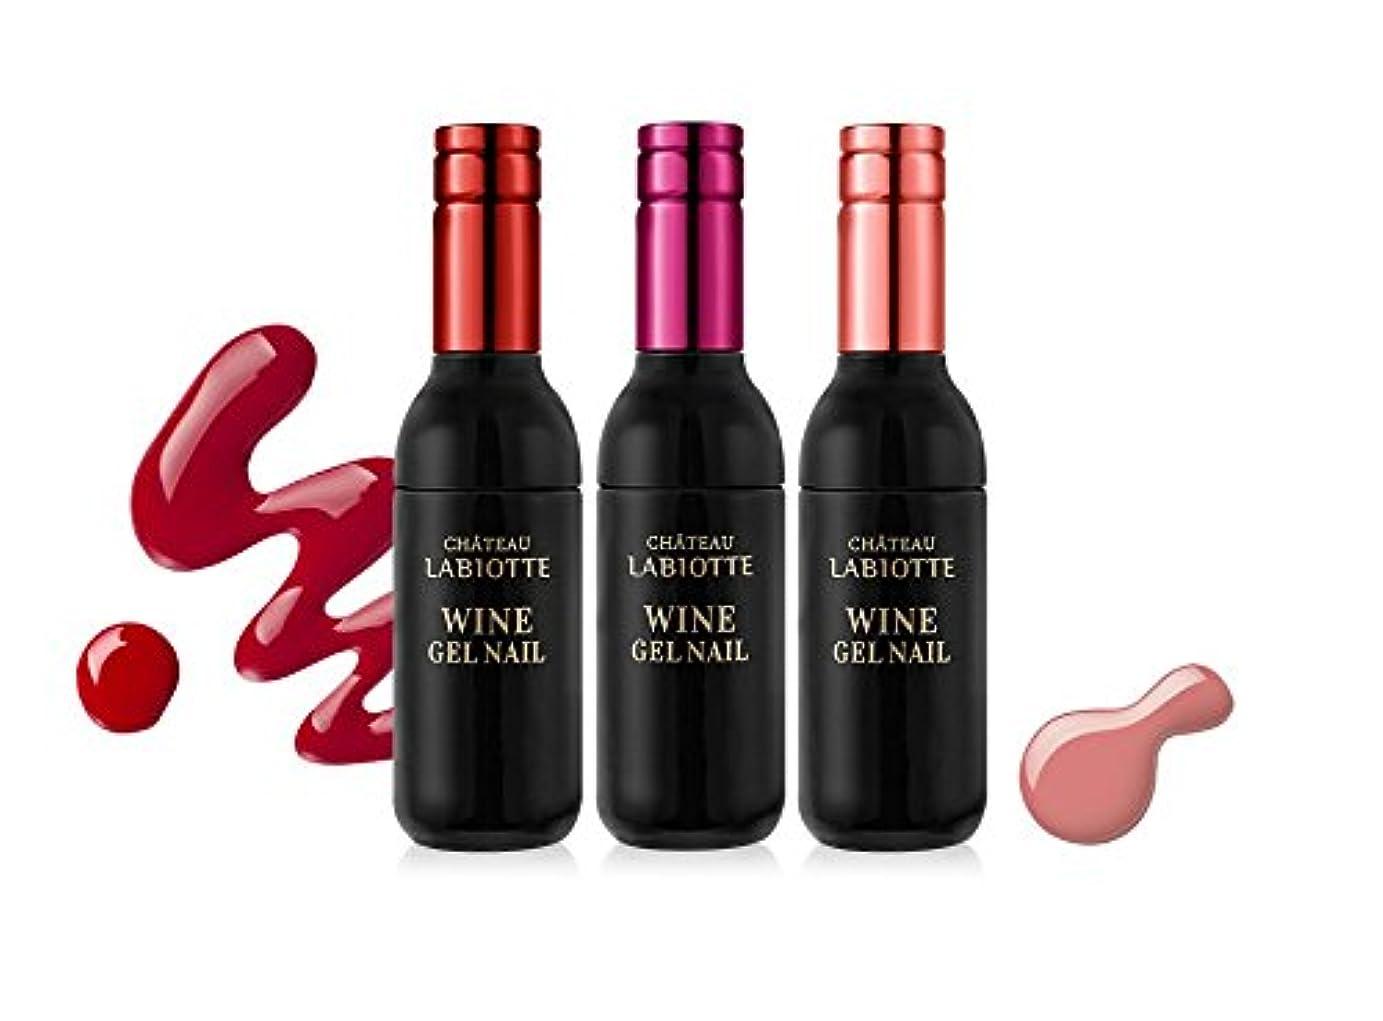 センチメンタルいらいらさせる崖Labiotte(ラビオトゥ/ラビオッテ) シャトー ラビオッテ ジェルネイル/Chateau Labiotte Wine Gel Nail(10.9g) (RD02. ネビオロレッド) [並行輸入品]